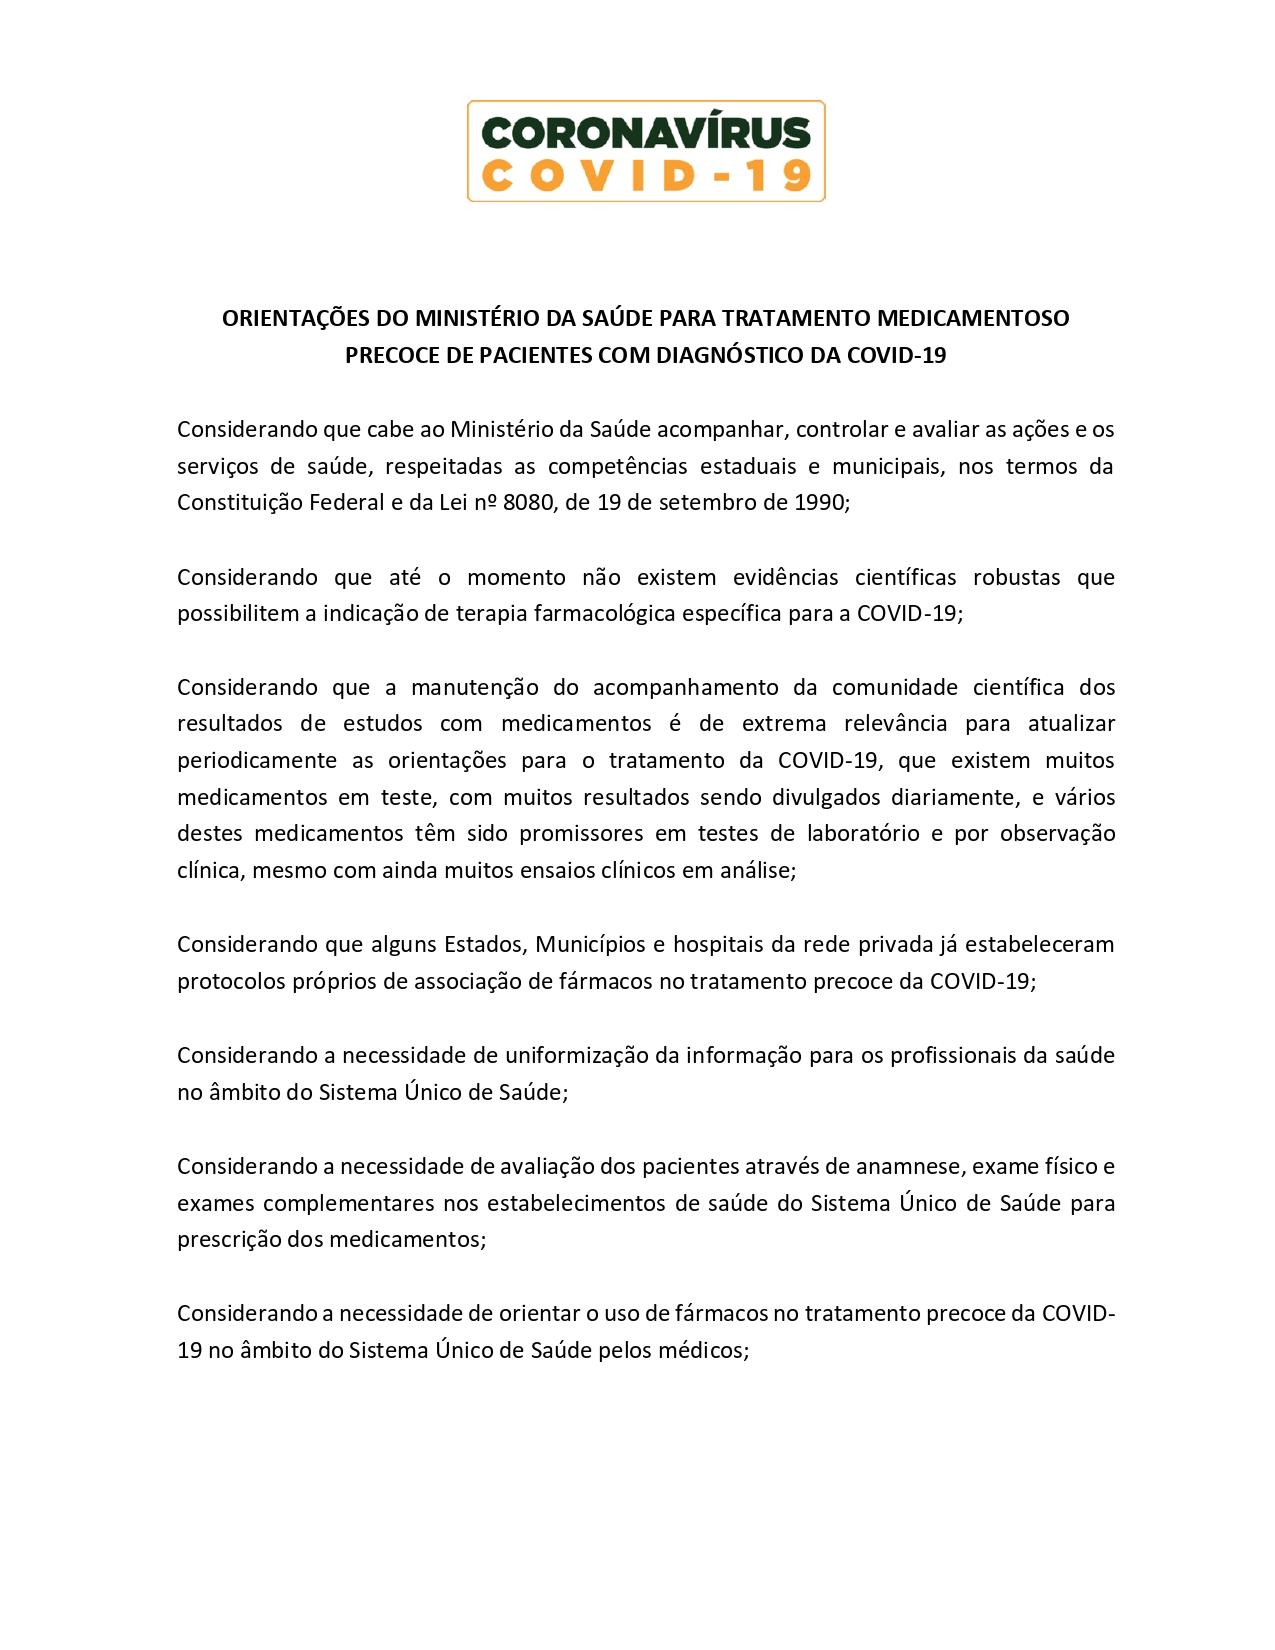 ORIENTAÇÕES DO MINISTÉRIO DA SAÚDE - hidroxi.cloroquina_page-0001